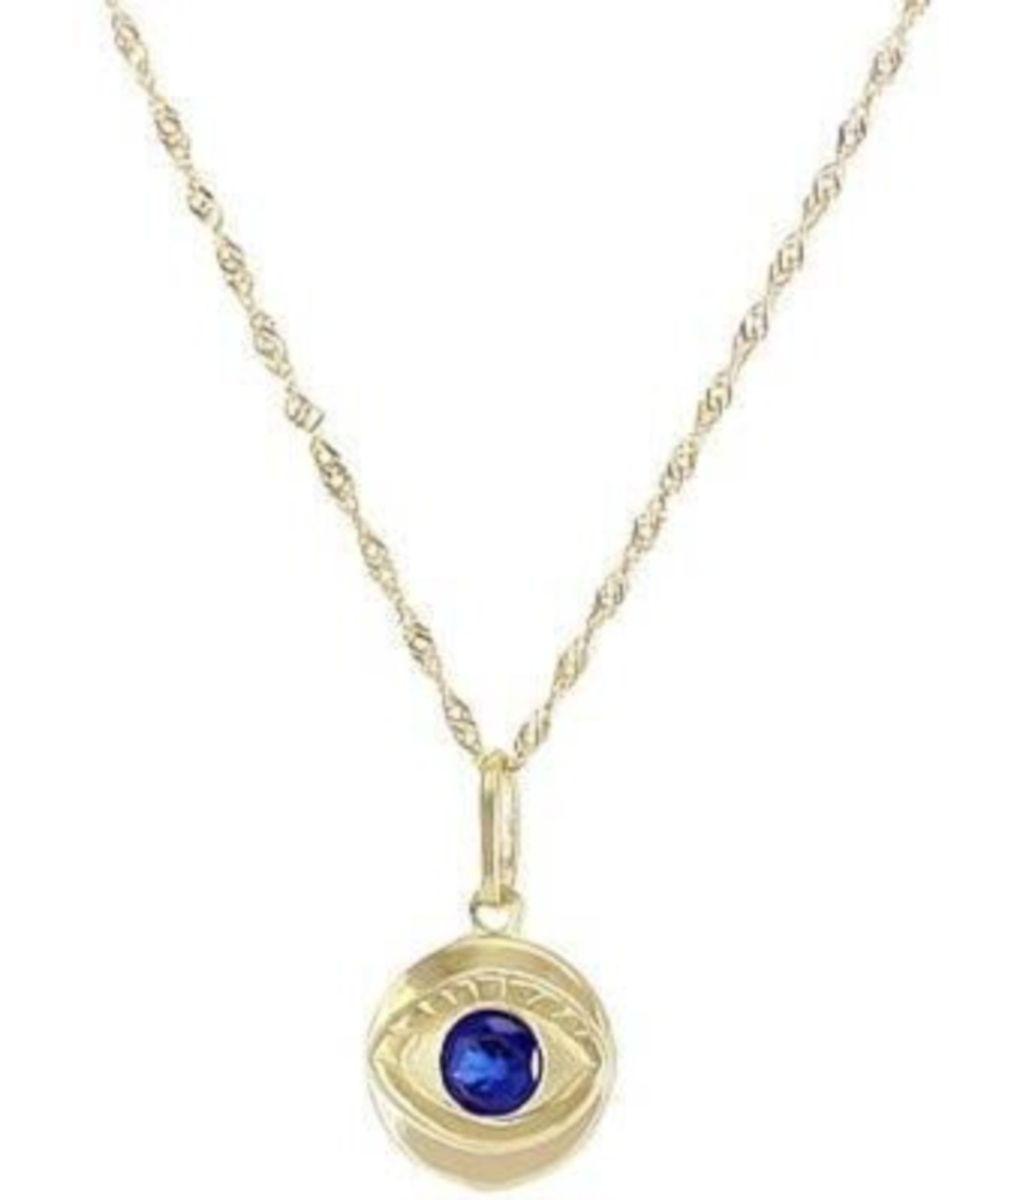 1d3deb5a0b3ec colar olho grego ouro amarelo 18k - jóias ouro.  Czm6ly9wag90b3muzw5qb2vplmnvbs5ici9wcm9kdwn0cy85mziznc8ymtmzzdu3mwzin2zmodu5zdnlyzk1yjjkmtrjywu3yy5qcgc  ...